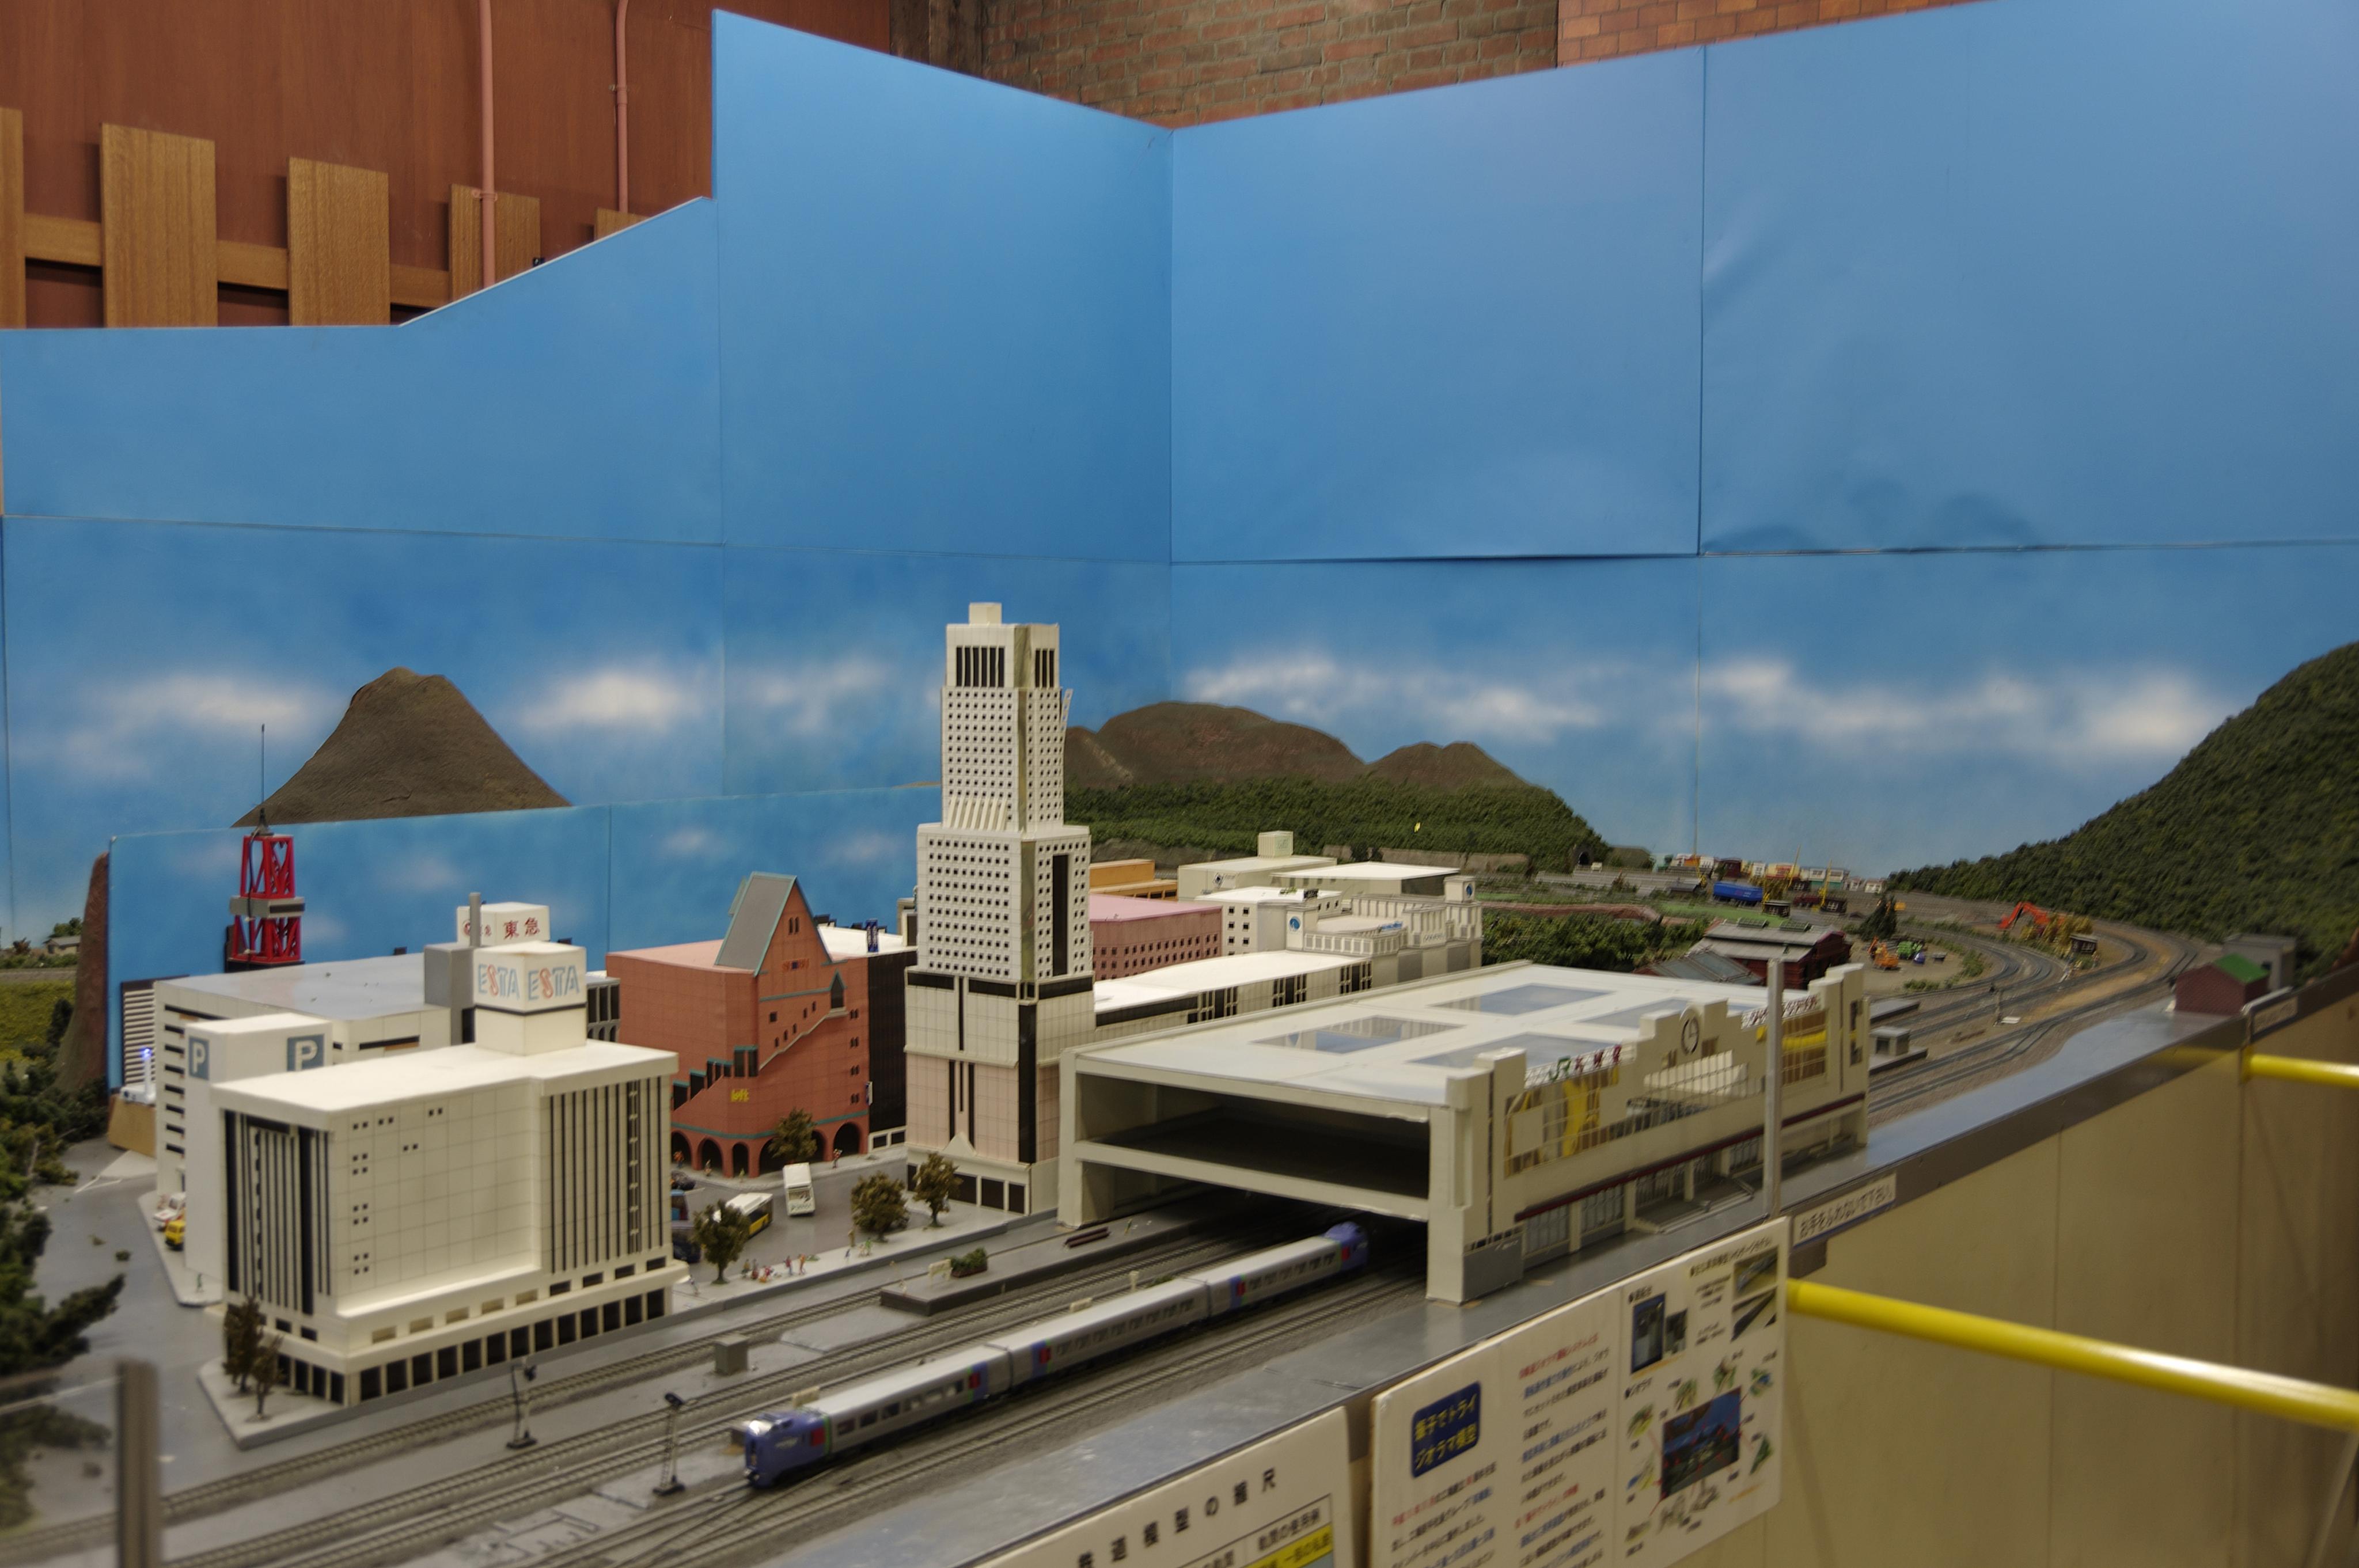 鉄道技術館 HOゲージジオラマ_180512.jpg